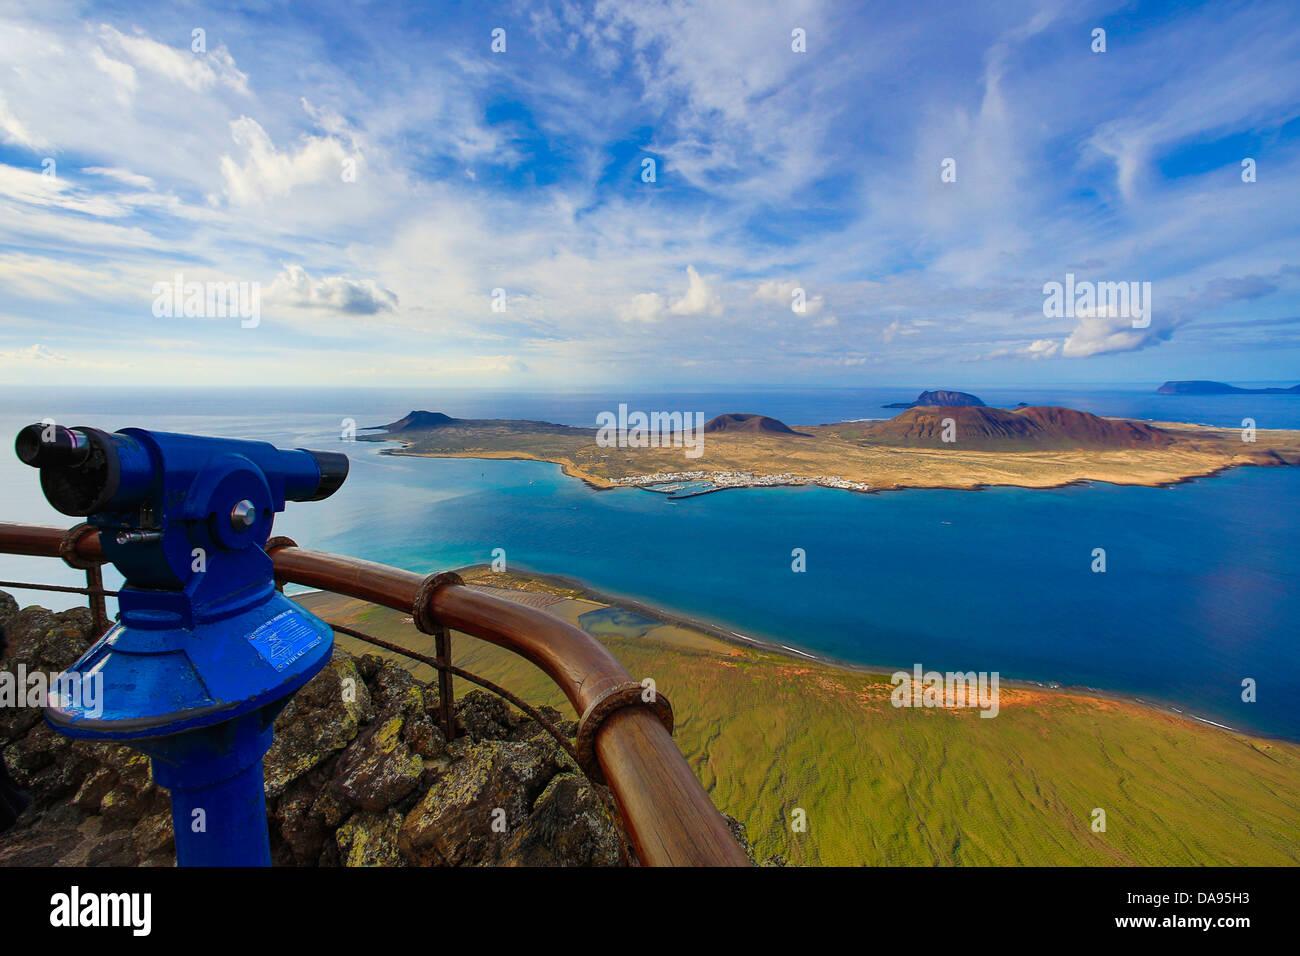 Spanien, Europa, Kanarische Inseln, Chinijo, Lanzarote, Mirador del Rio, Naturpark, blau, Isla Graciosa, Graciosa, Stockbild